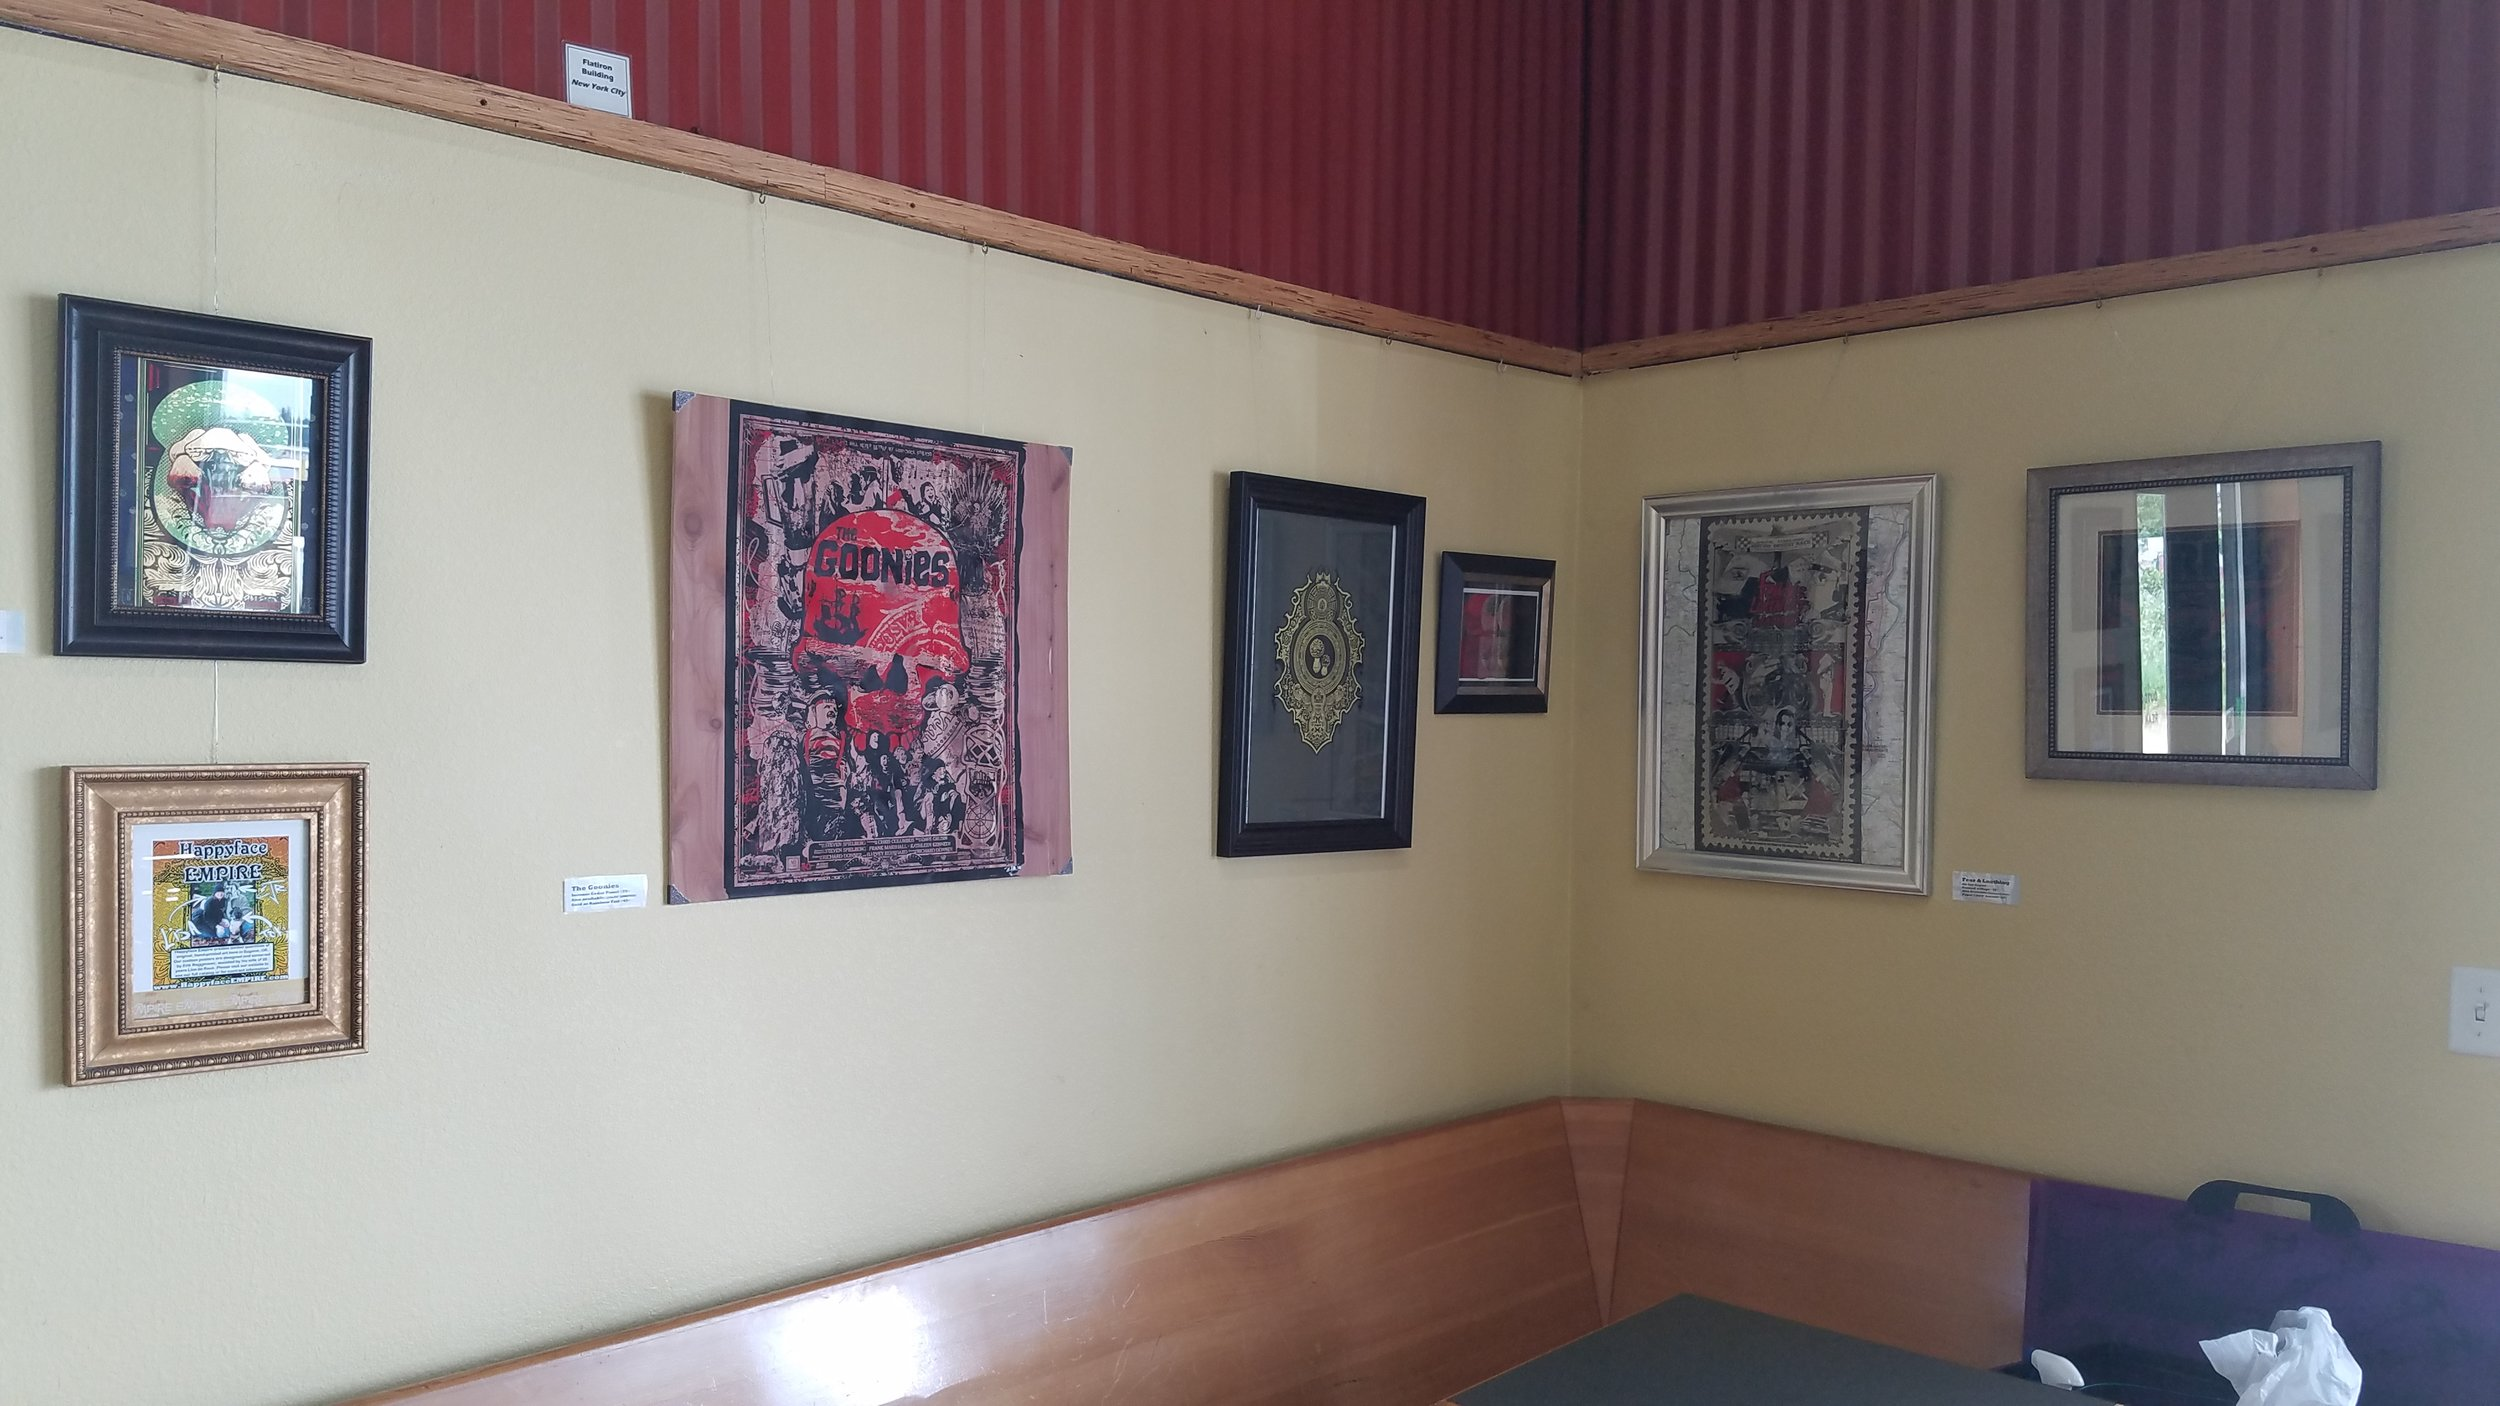 Bagel Sphere gallery 2